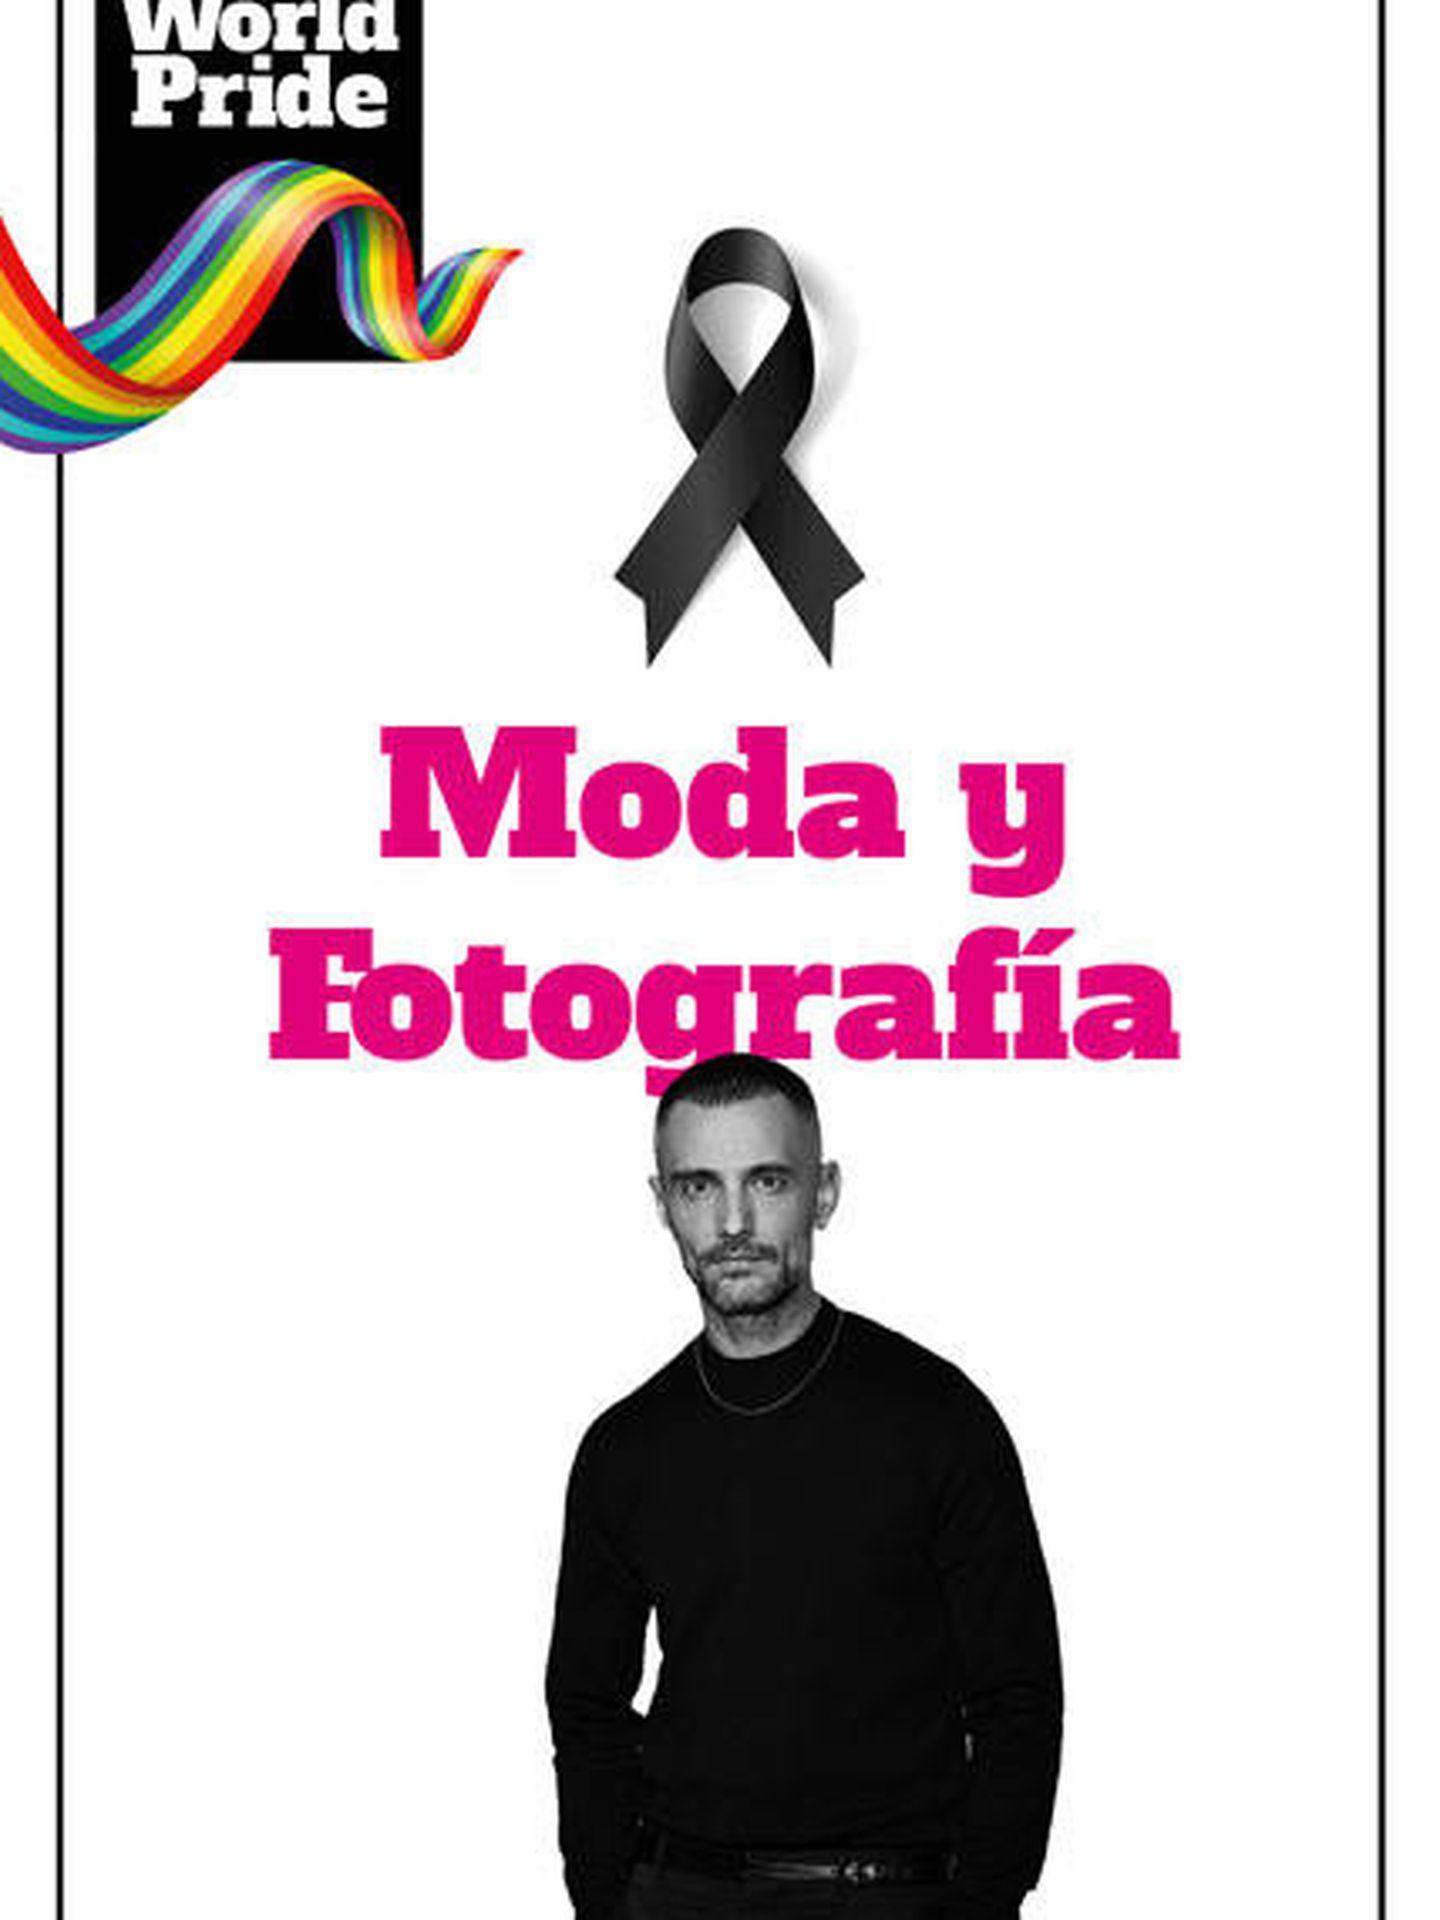 Orgullo LGTBI 2017: Moda y fotografía.